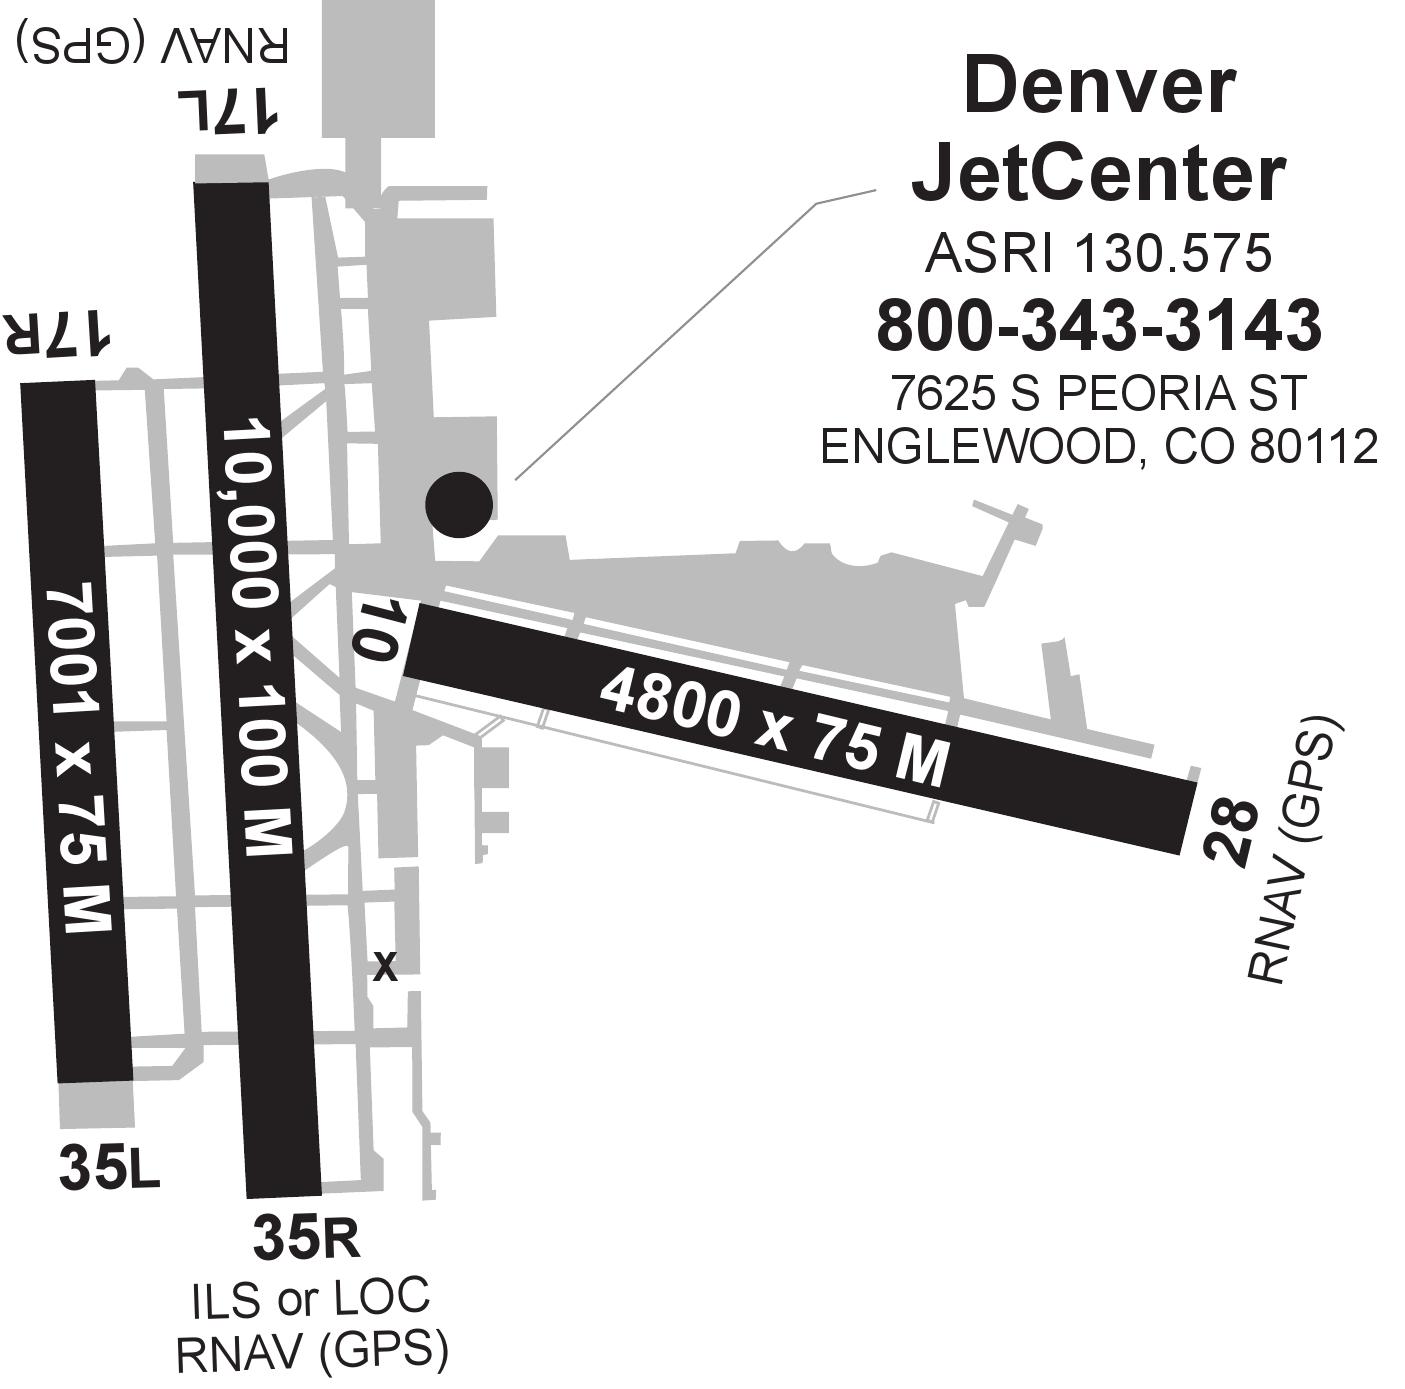 Denver Jetcenter